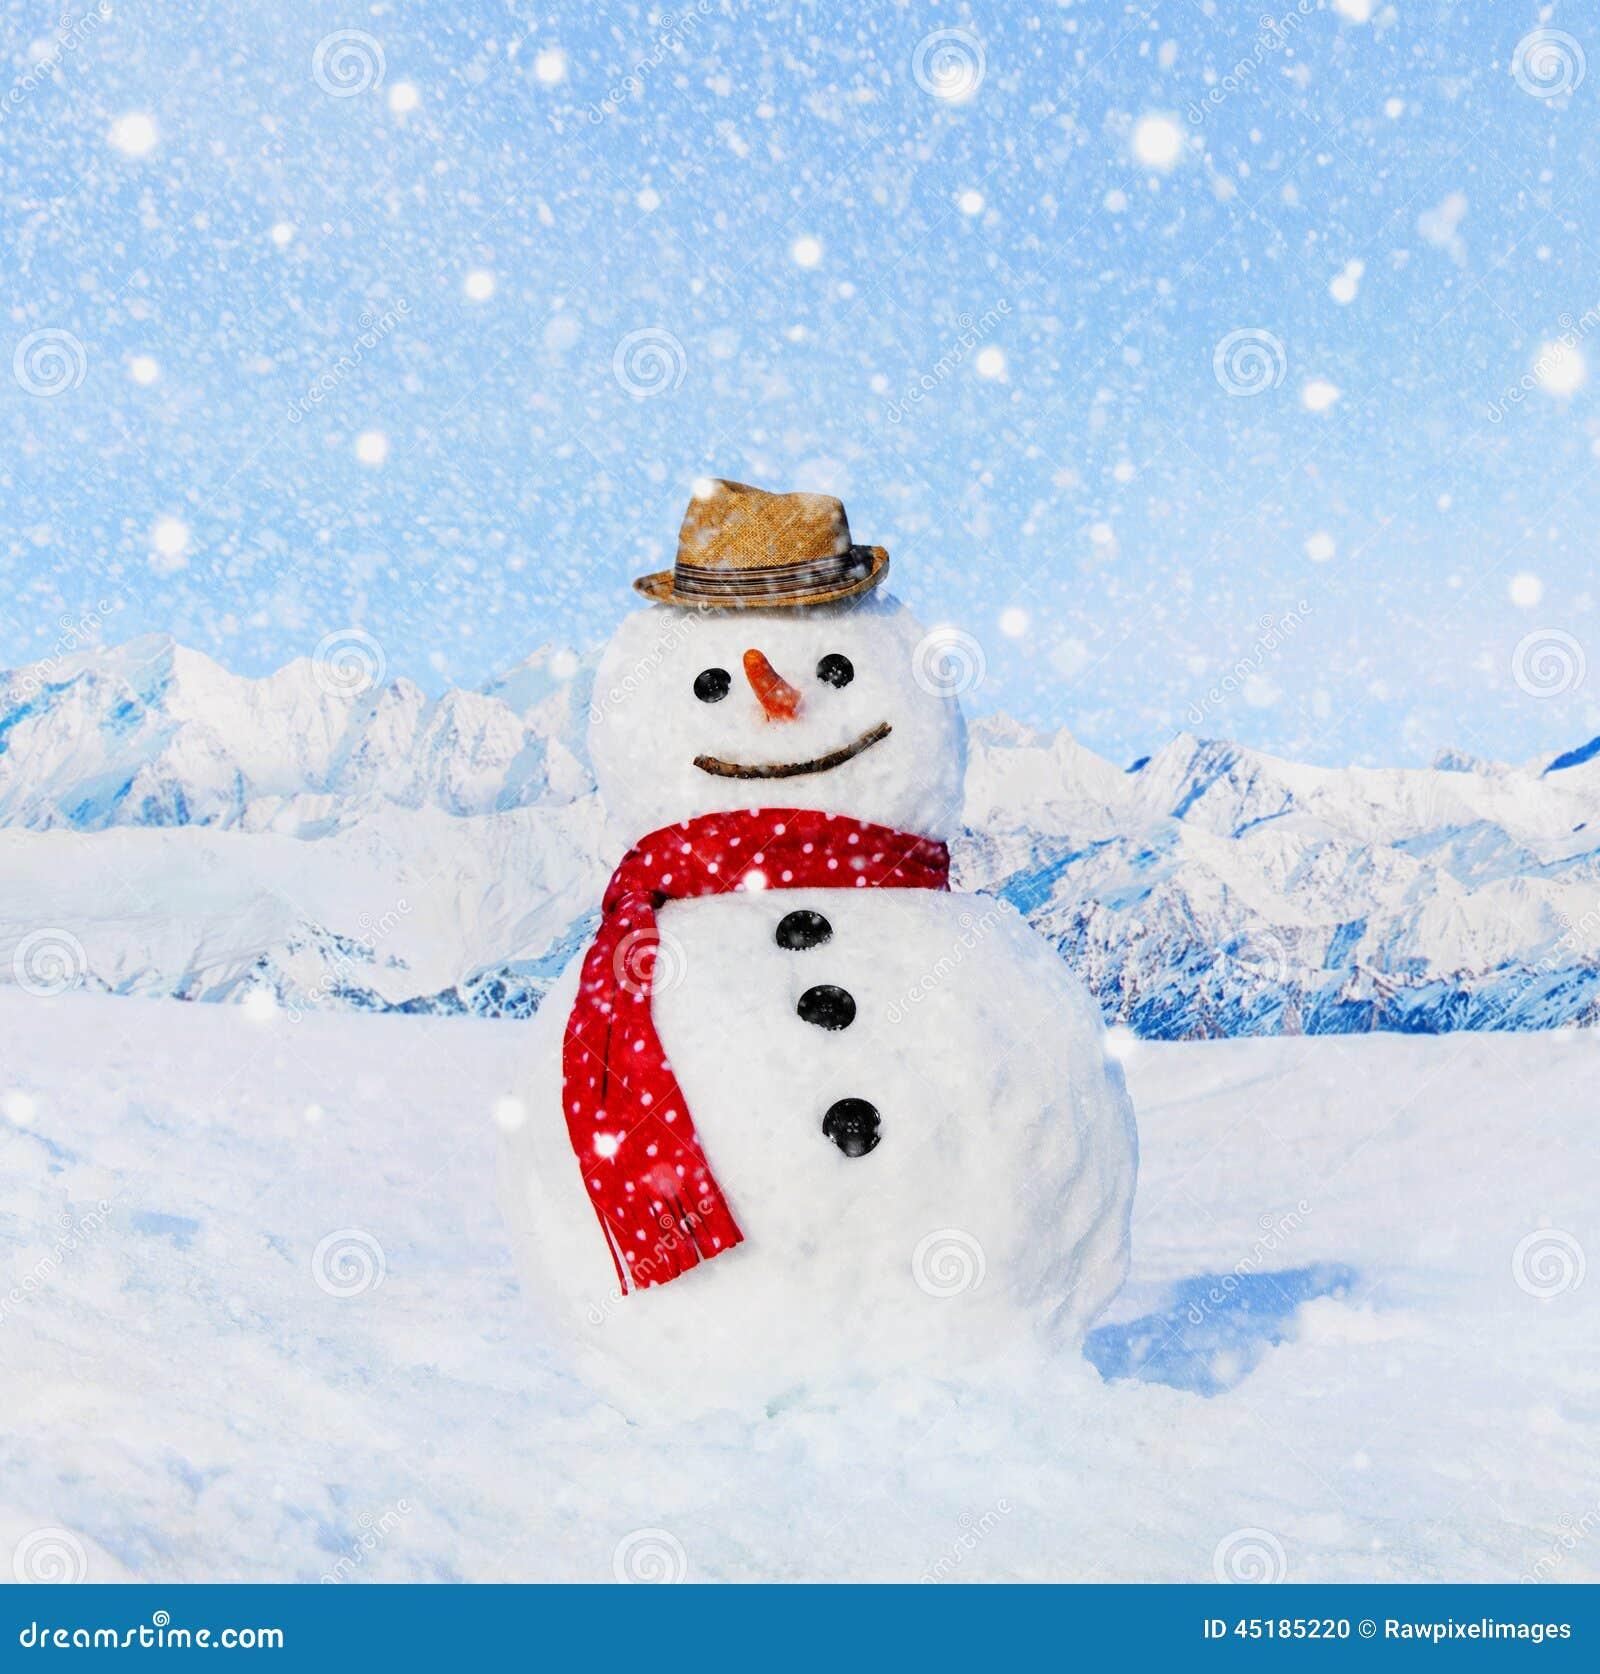 Vrai bonhomme de neige dehors dans le paysage blanc - Bonhomme de neige decoration exterieure ...